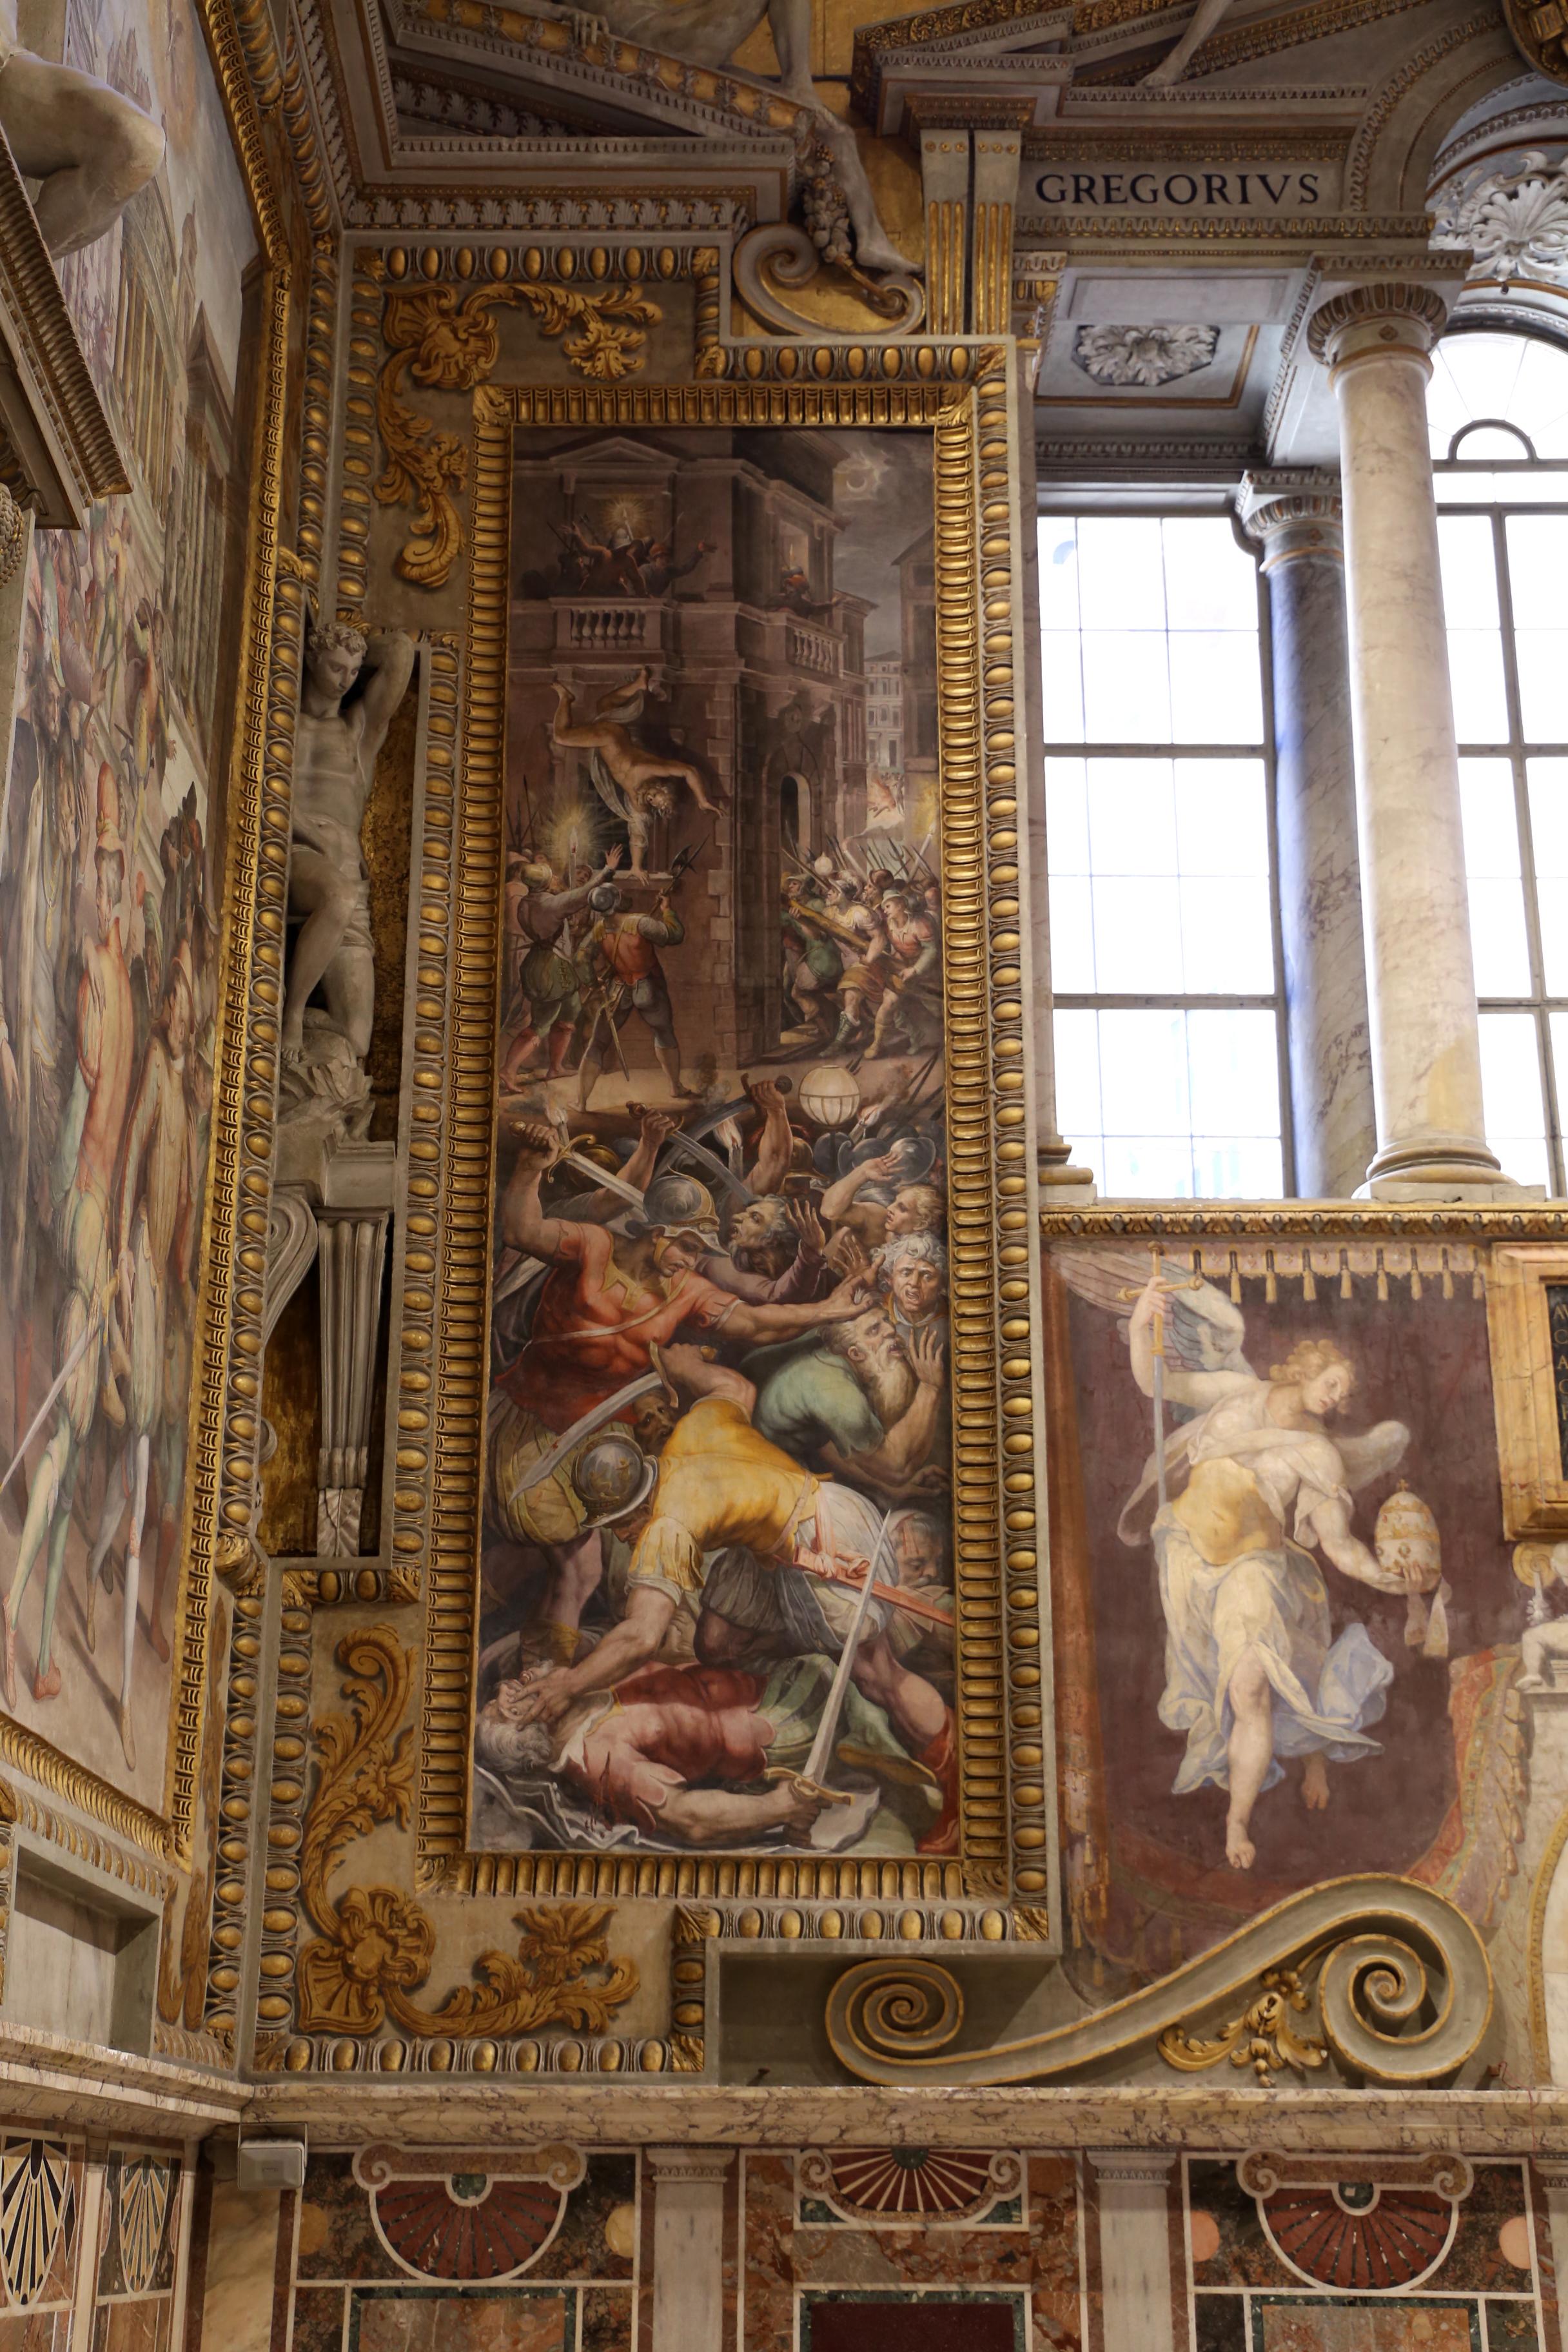 Giorgio_vasari,_seconda_storia_della_notte_di_san_bartolomeo,_1573,_00.jpg